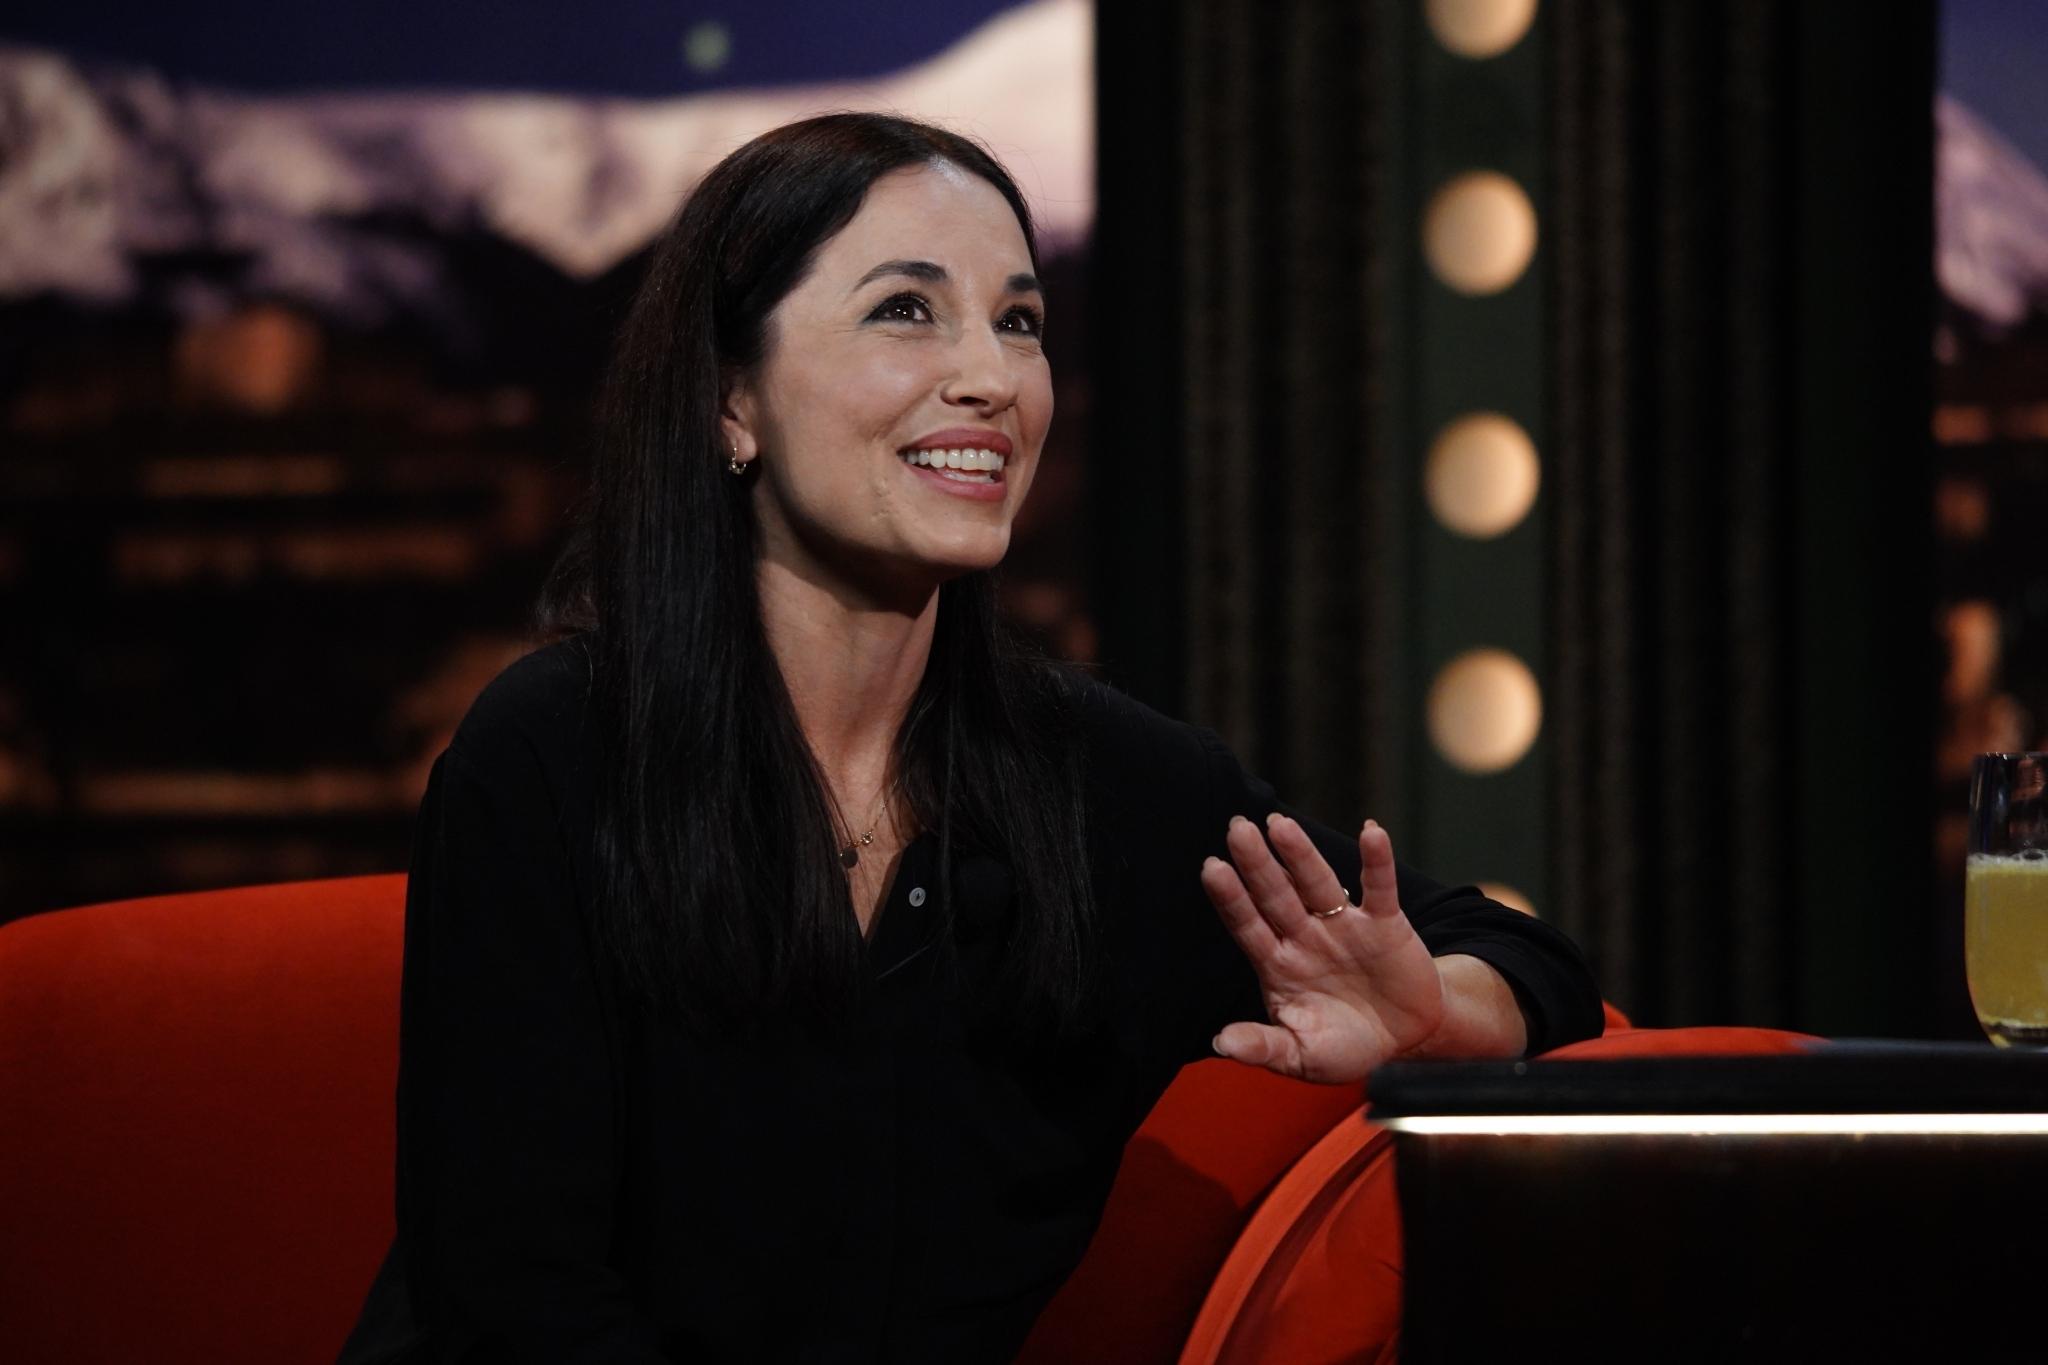 Herečka Michaela Kuklová v Show Jana Krause 30. 9. 2020